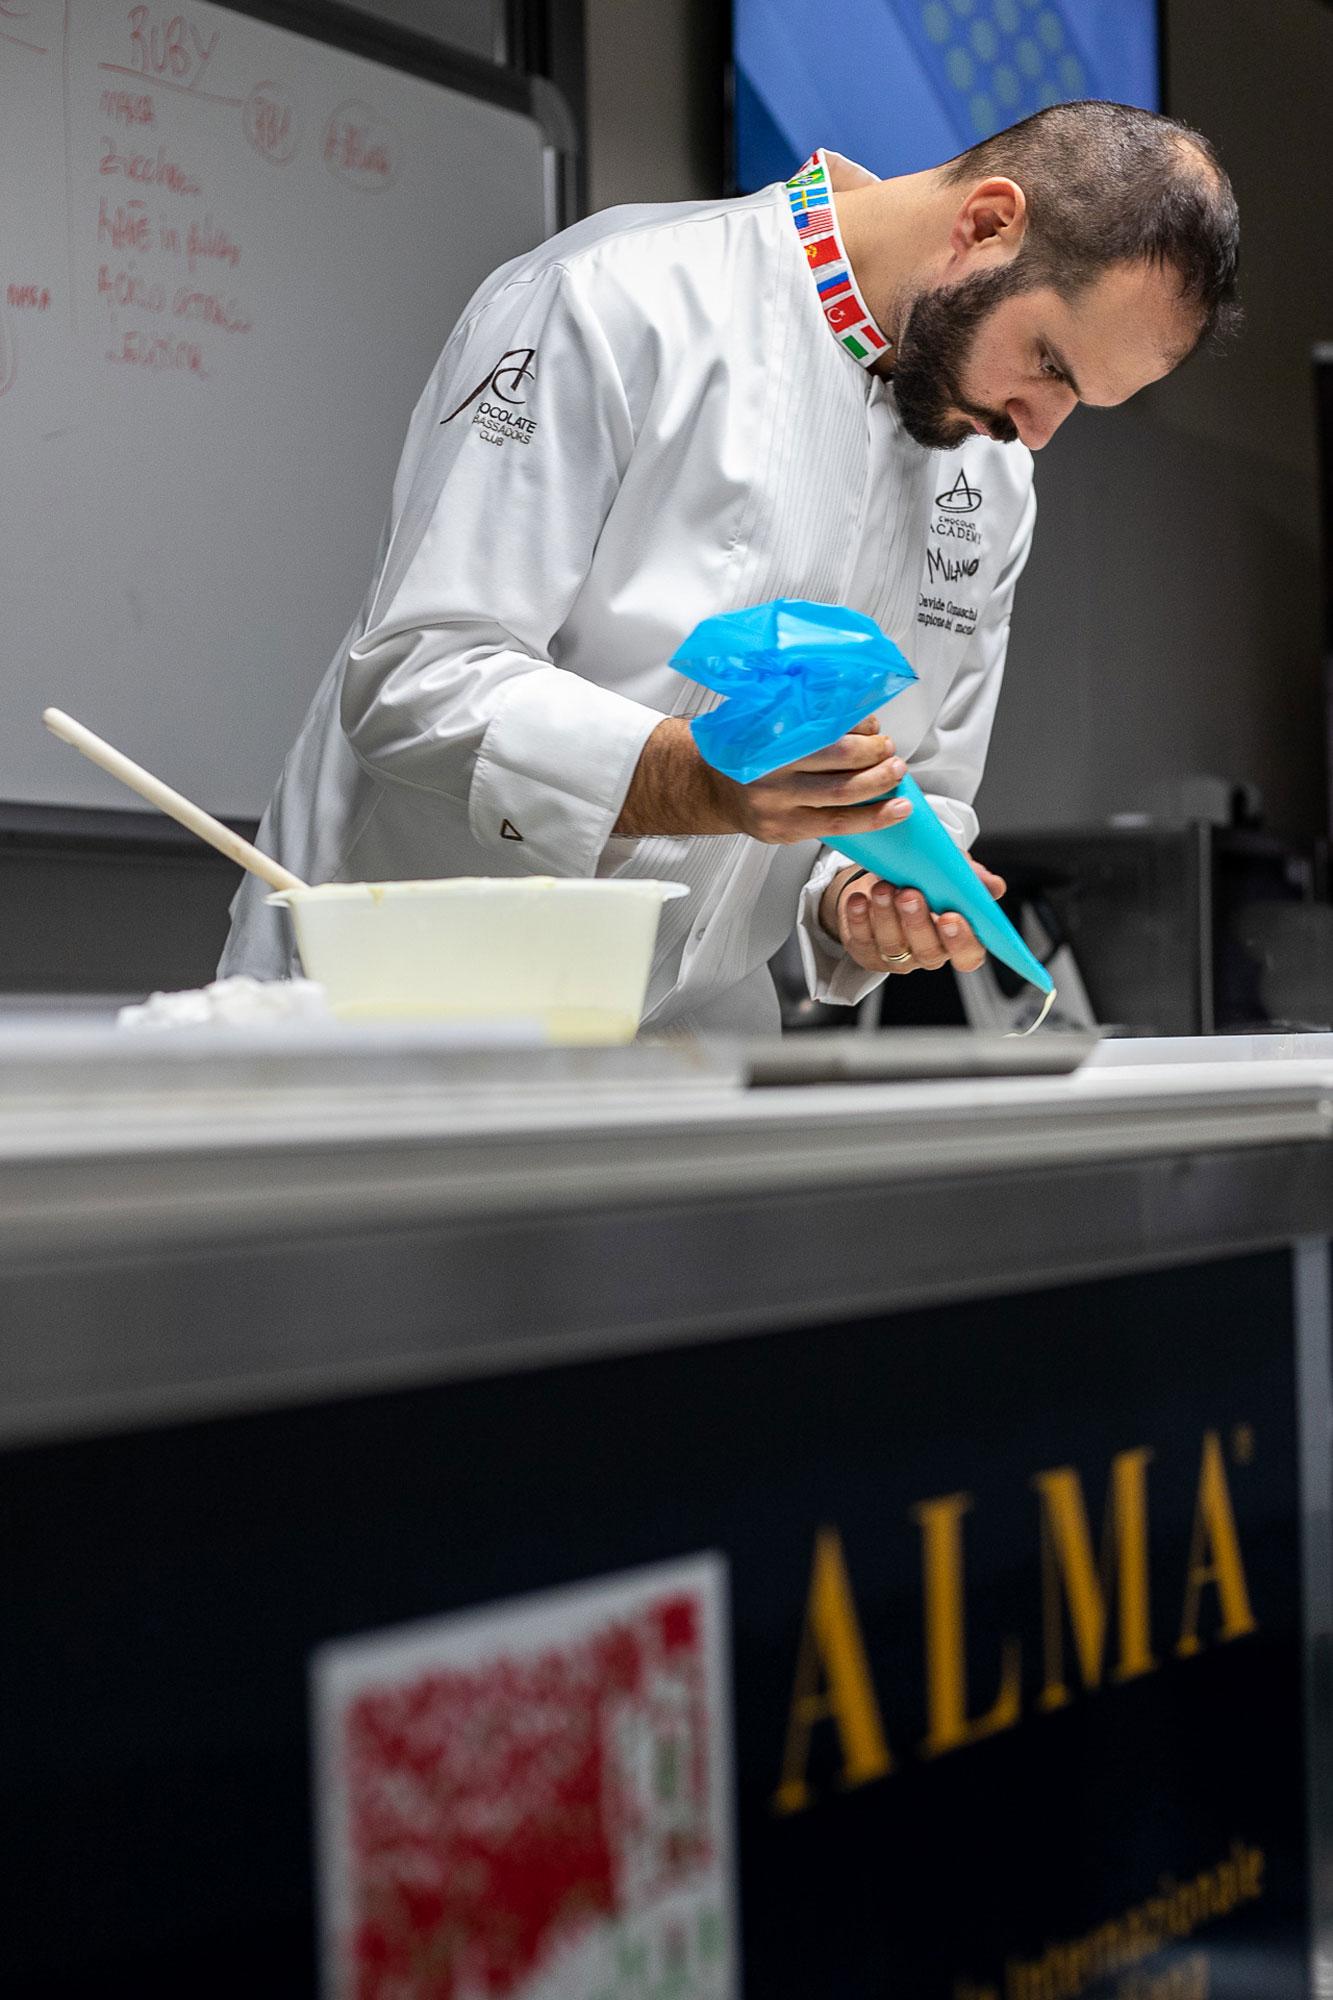 """Davide Comaschi è da sempre uno dei guest chef più affezionati al mondo della didattica di ALMA: nel corso delle lezioni """"mani in pasta"""" del Master in Chocolate Arts, Comaschi insegna come realizzare i mignon al cioccolato."""